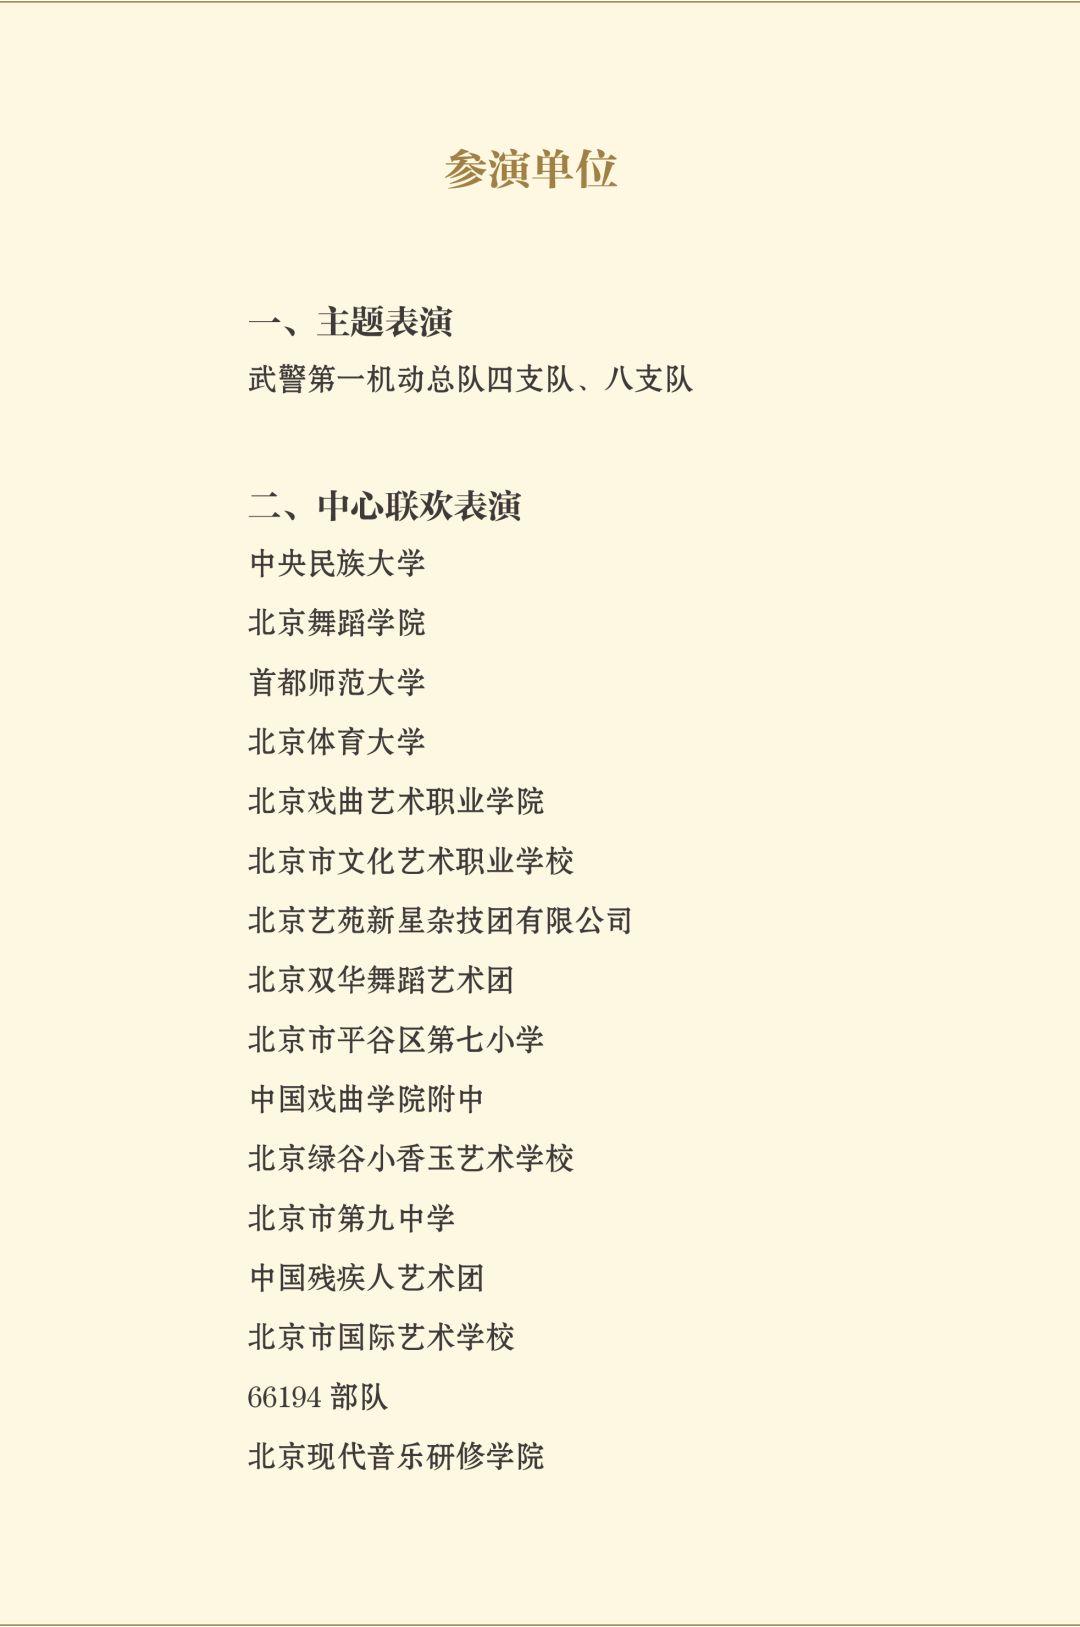 慶祝中華人民共和國成立70周年聯歡活動節目單來了!圖片